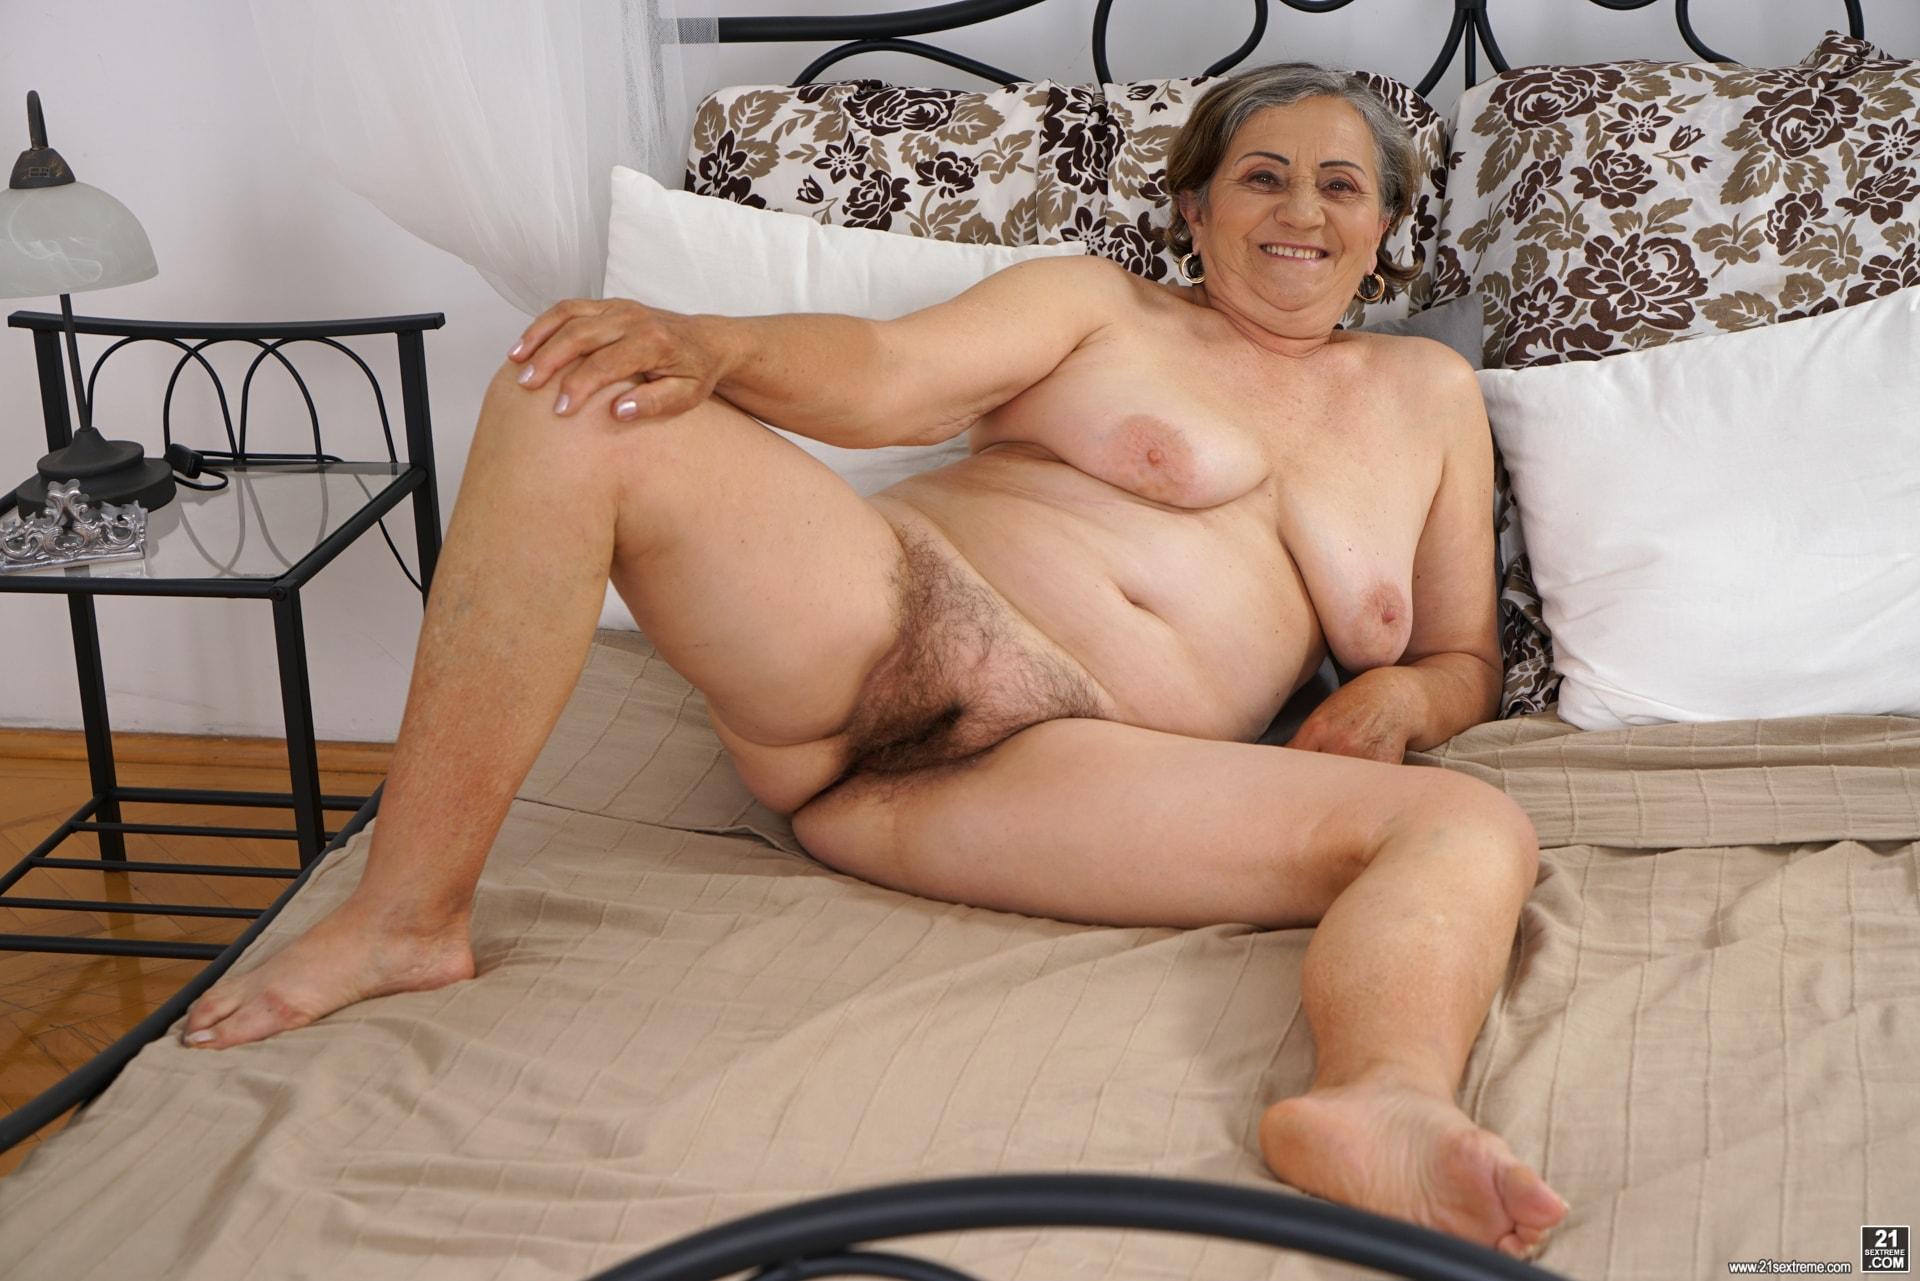 Private home mature porn pics